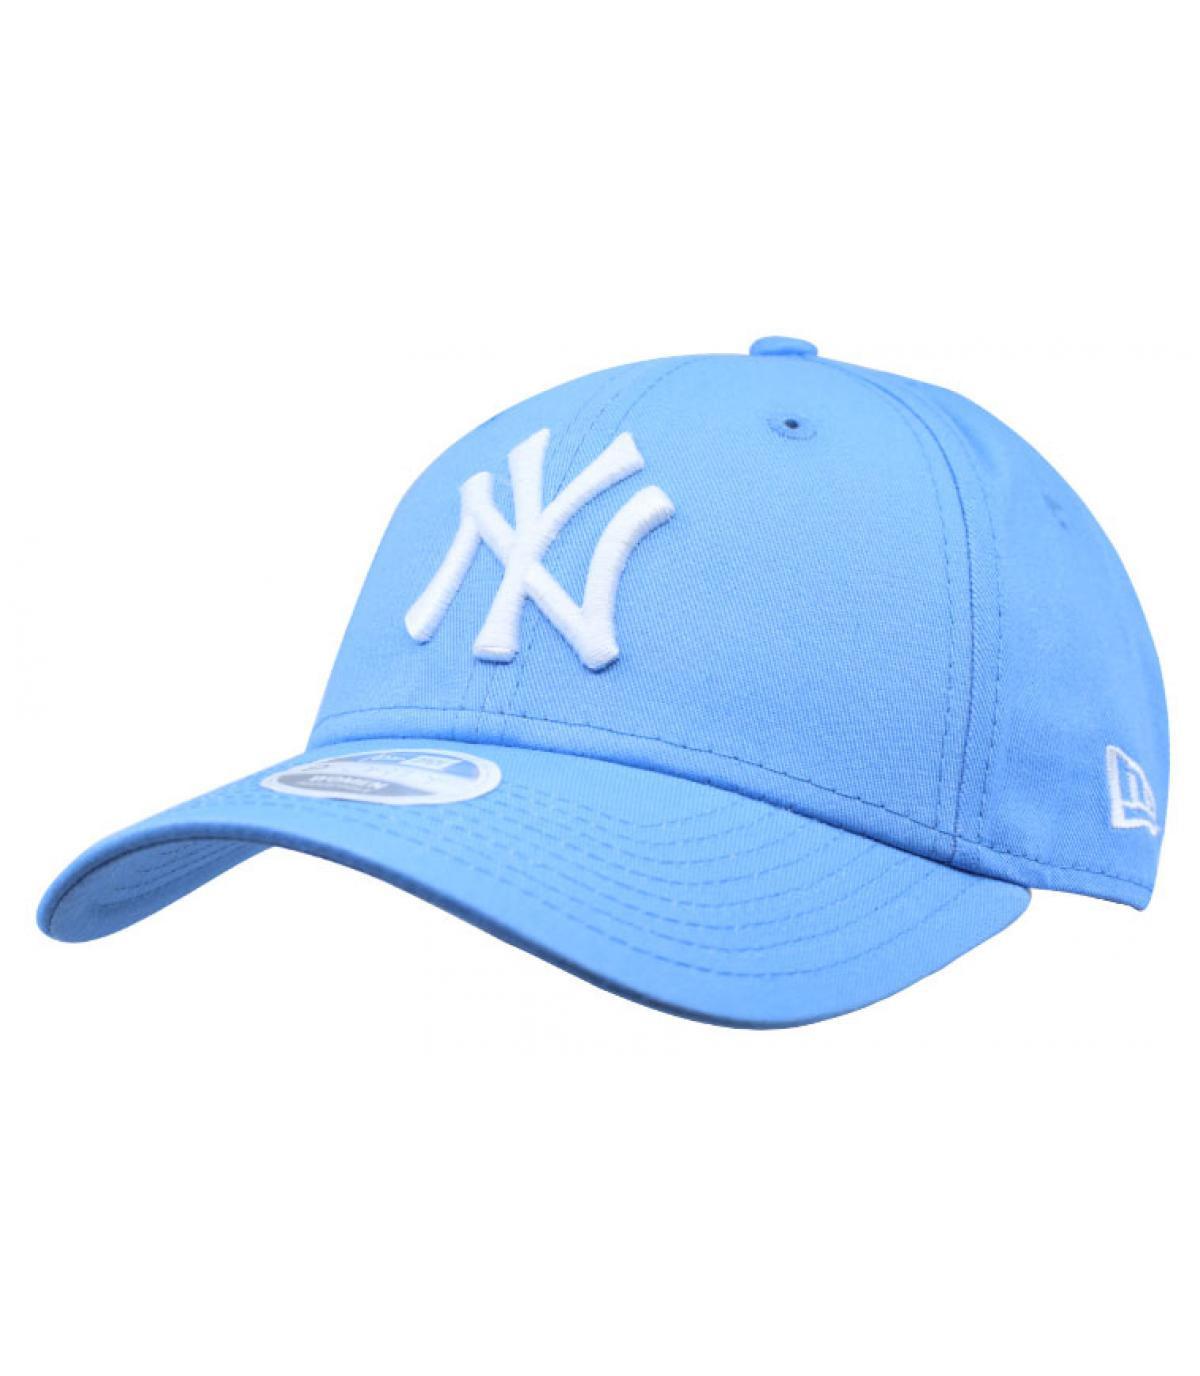 4f44ca8078e70 Gorra mujer - Compra venta de Gorras mujer. Primera sombrerería en línea.  Entrega en 48 72horas.